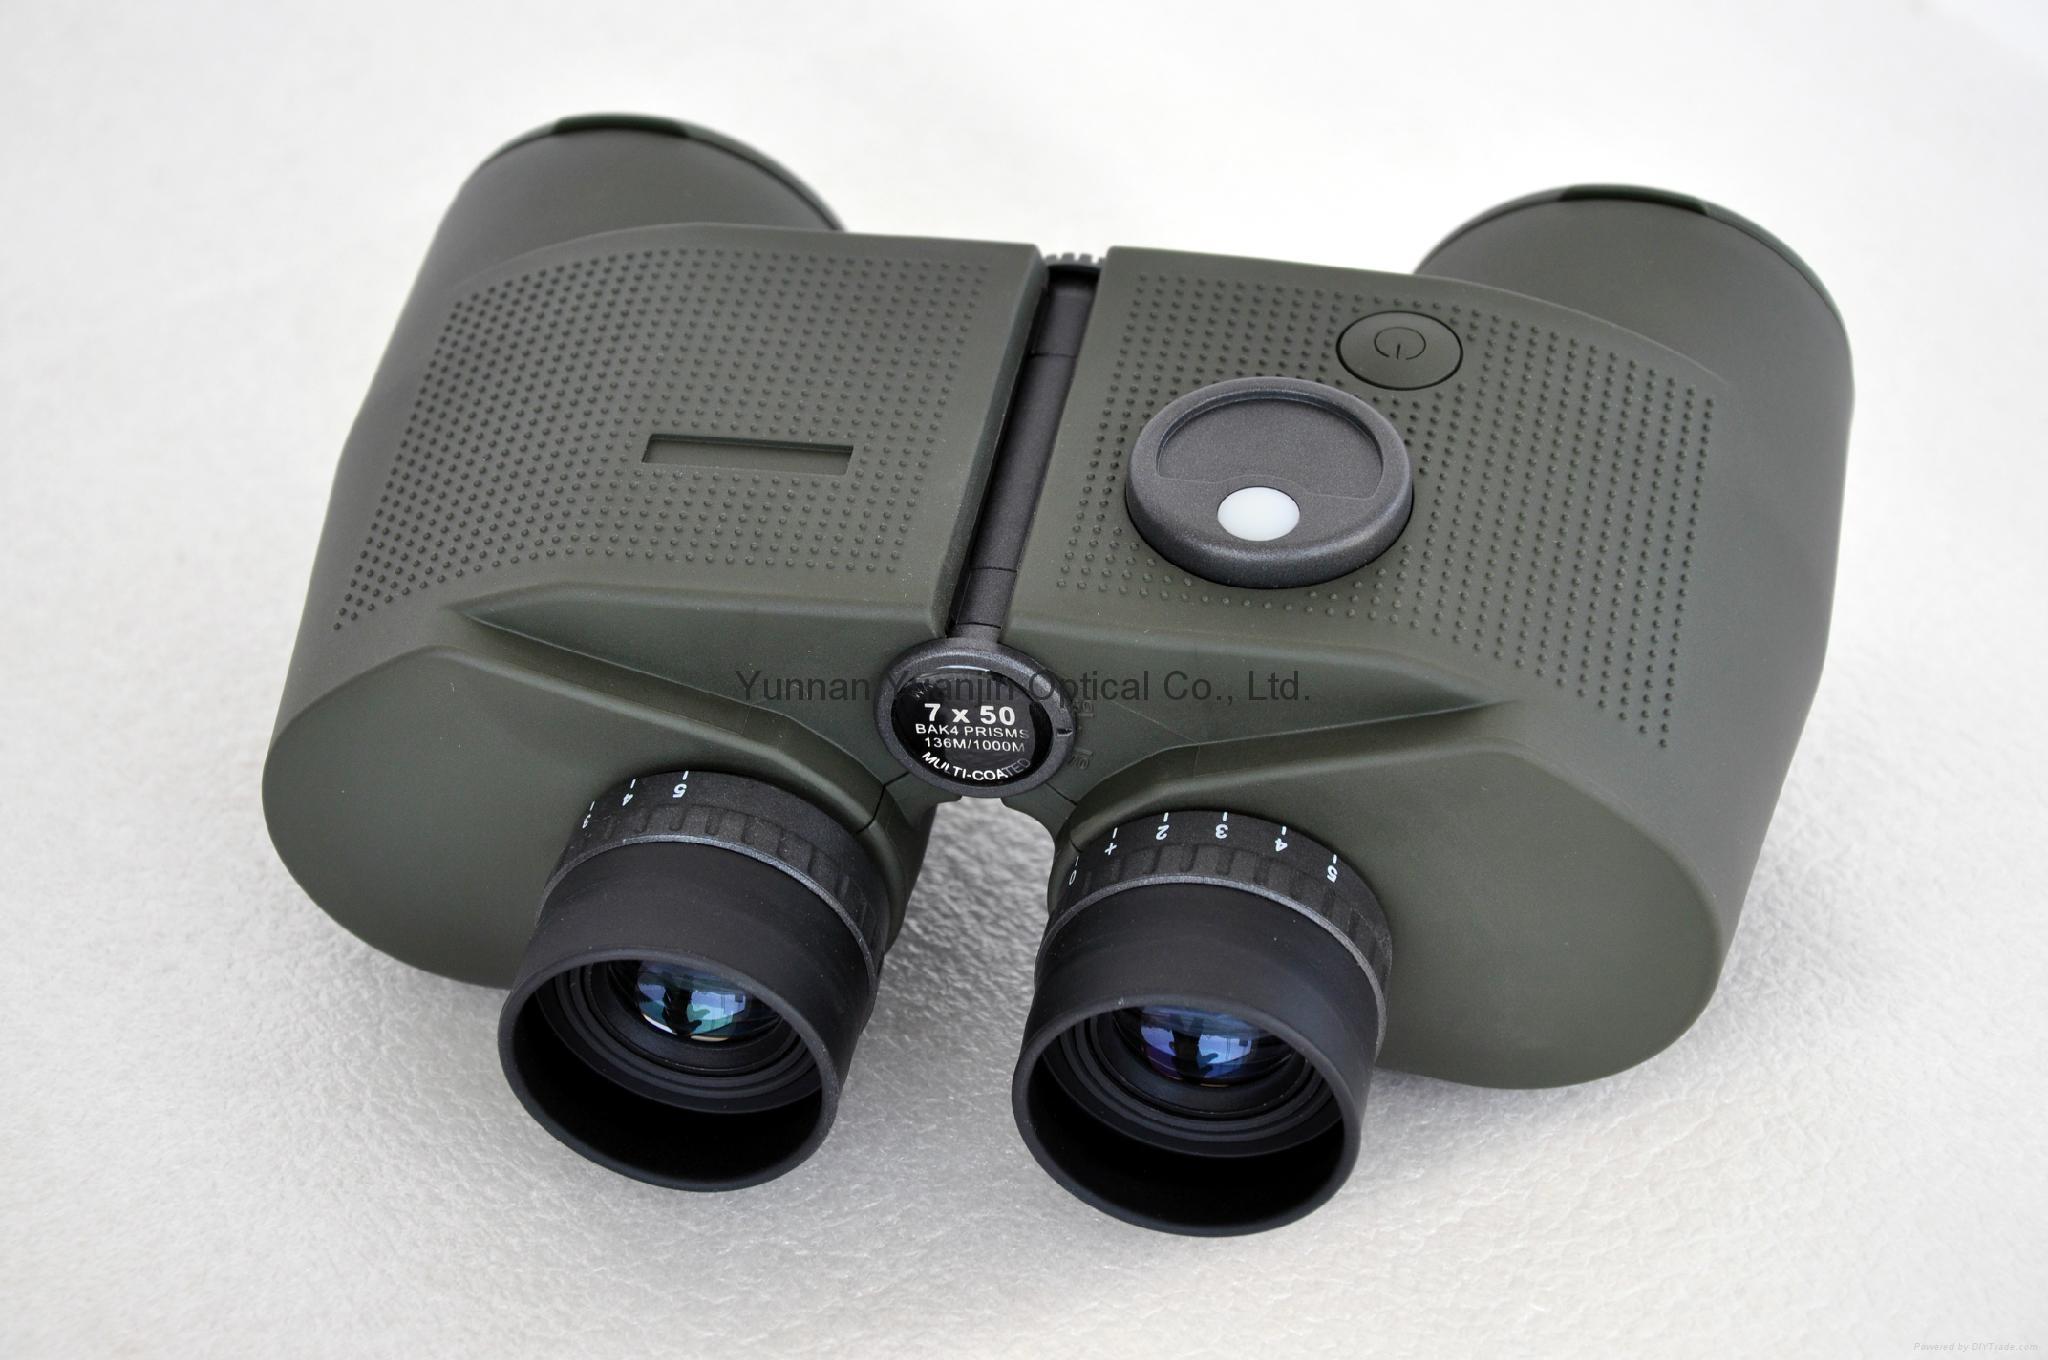 遠錦戰鷹7X50高清望遠鏡帶羅盤視野很開闊 5